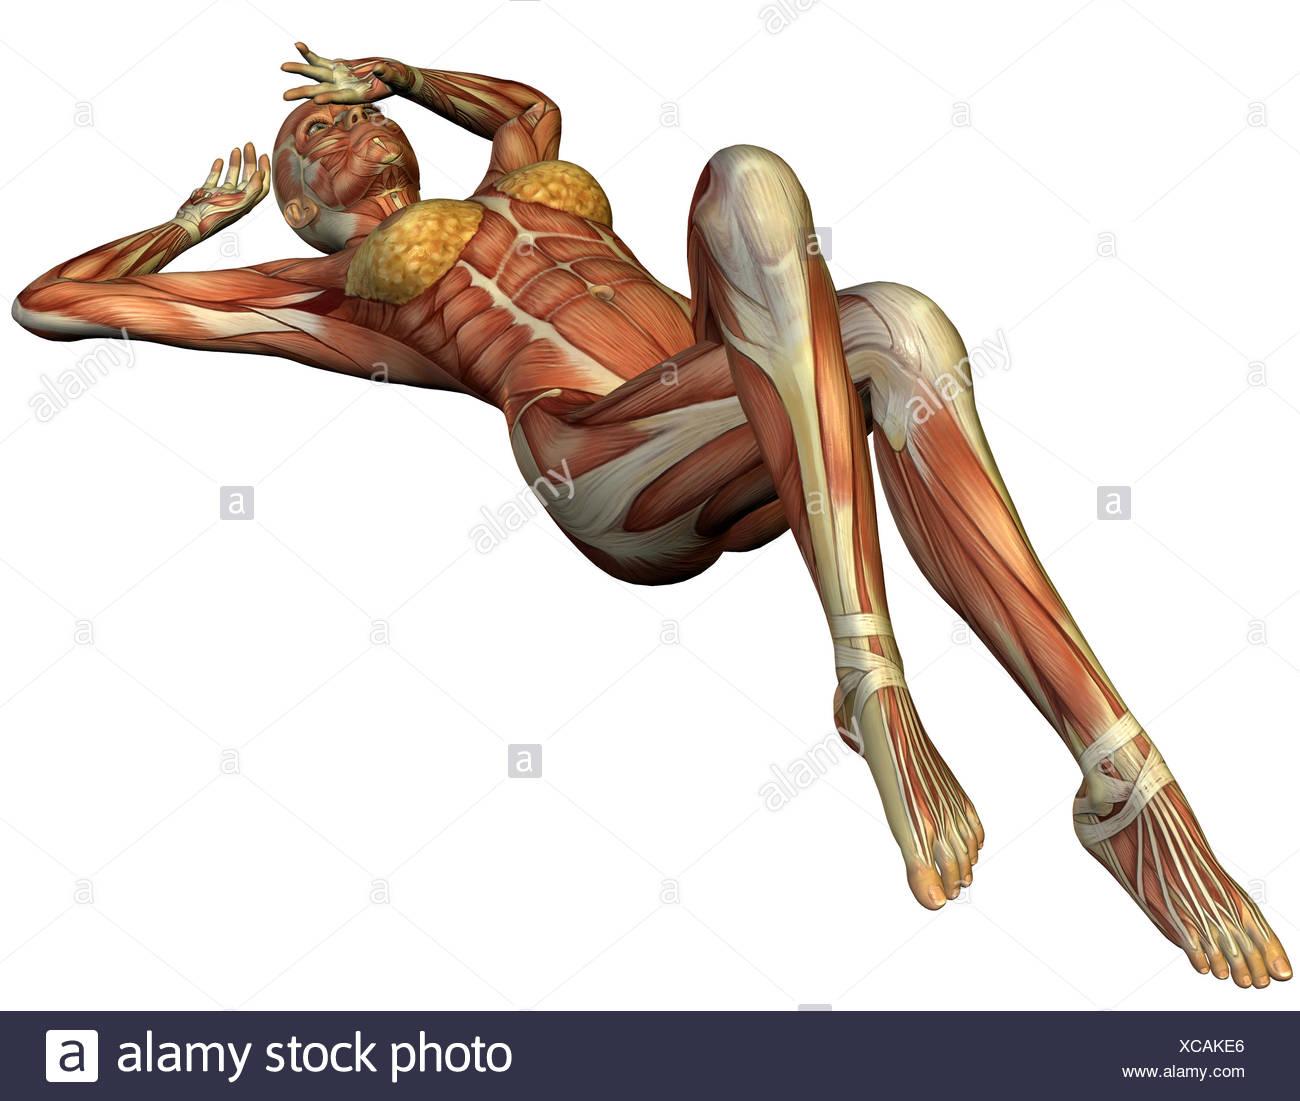 Tolle Katzenauge Anatomie Bilder - Anatomie Ideen - finotti.info